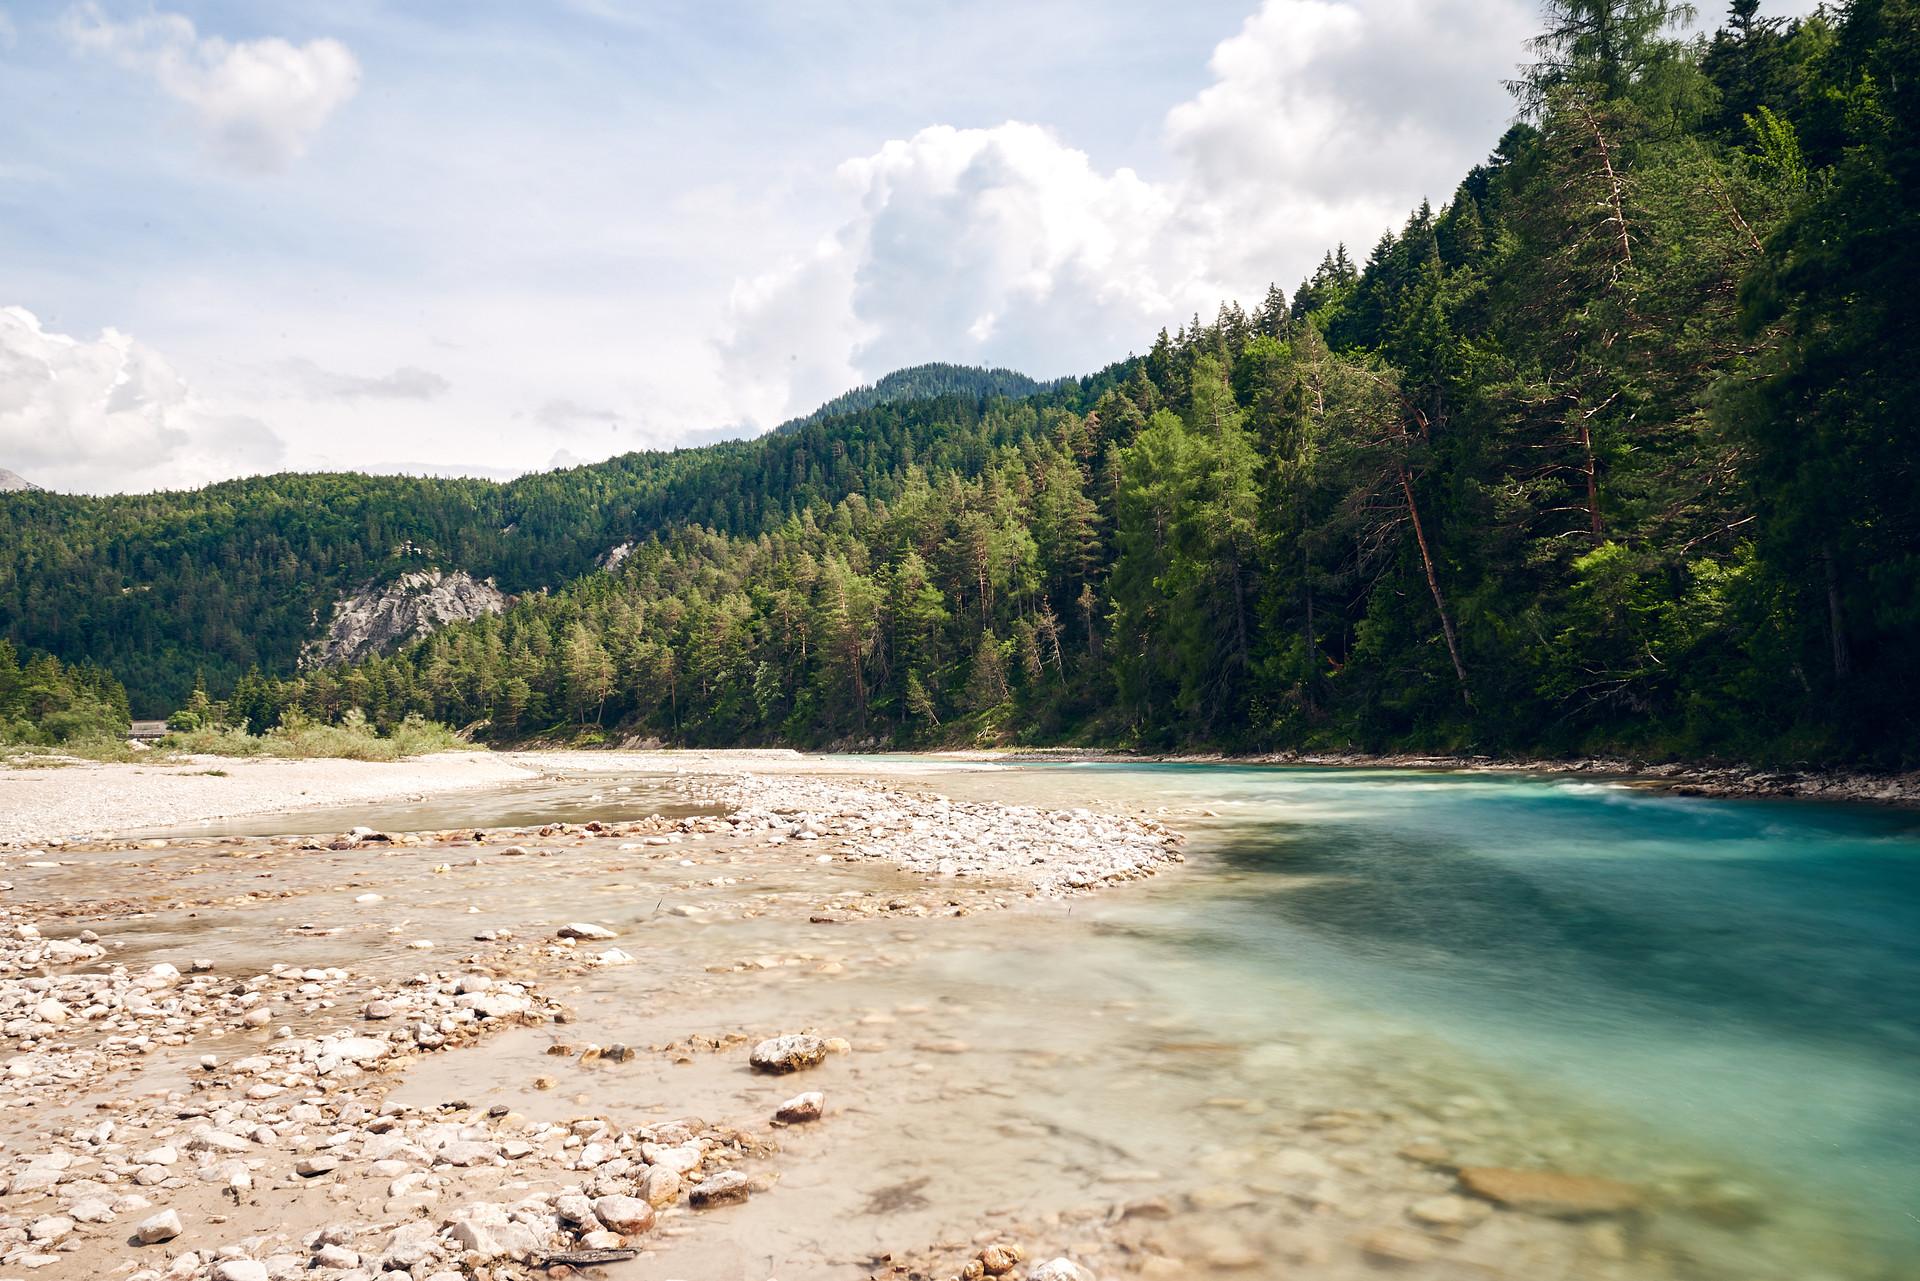 Isarbier Bier Werbung Werbefotograf Kampagne Fluss Isar Wasser Natur Bayern Landschaft Wandern Freiheit Fotografie Foto Fotograf Auftragsfotograf Philipp Löffler Loeffler - Muenchen Deutschland